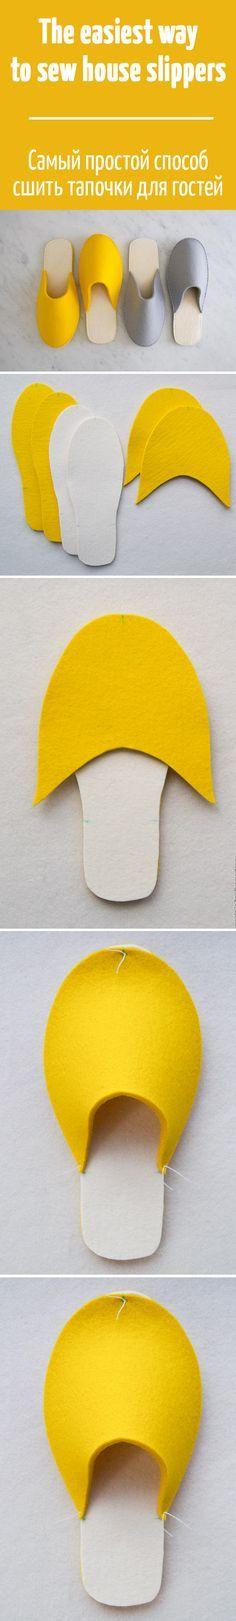 Самый простой и быстрый способ сшить из фетра гостевые тапочки / The easiest way to sew house slippers